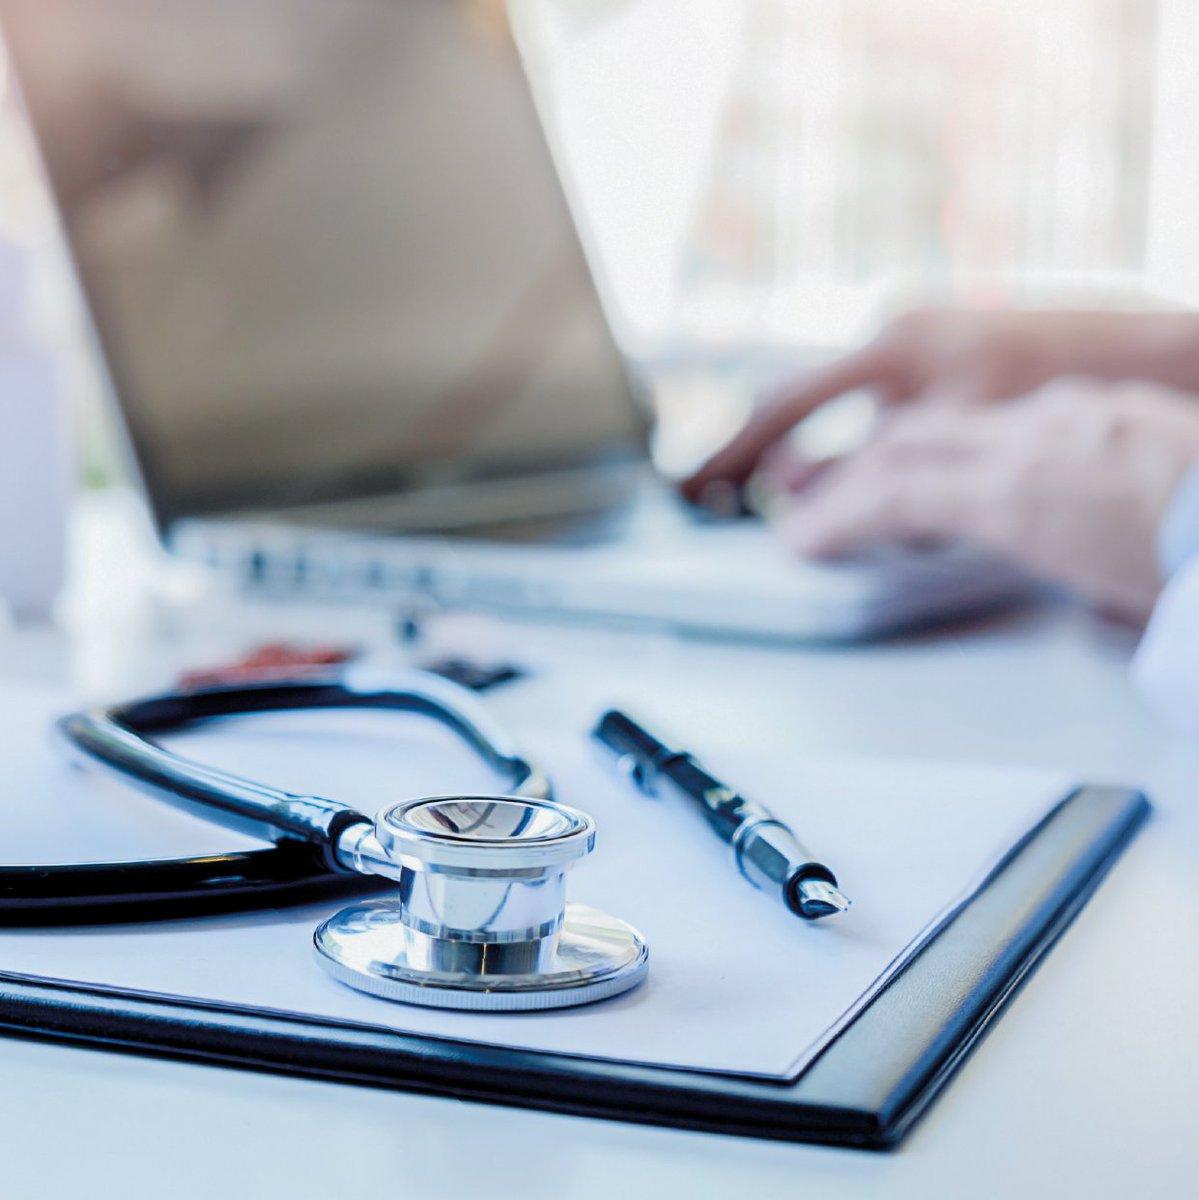 على مدار العام الماضي قمنا بتقديم واستحداث وإطلاق عدد من الخدمات الخاصة بالتراخيص، وامتحانات مزاولة المهنة، والمسمّيات الطبية وغيرها. كونوا على اطلاع على آخر أخبار القطاع التنظيمي من خلال الرابط. https://tinyurl.com/txvkhdwpic.twitter.com/a424VgX6VK